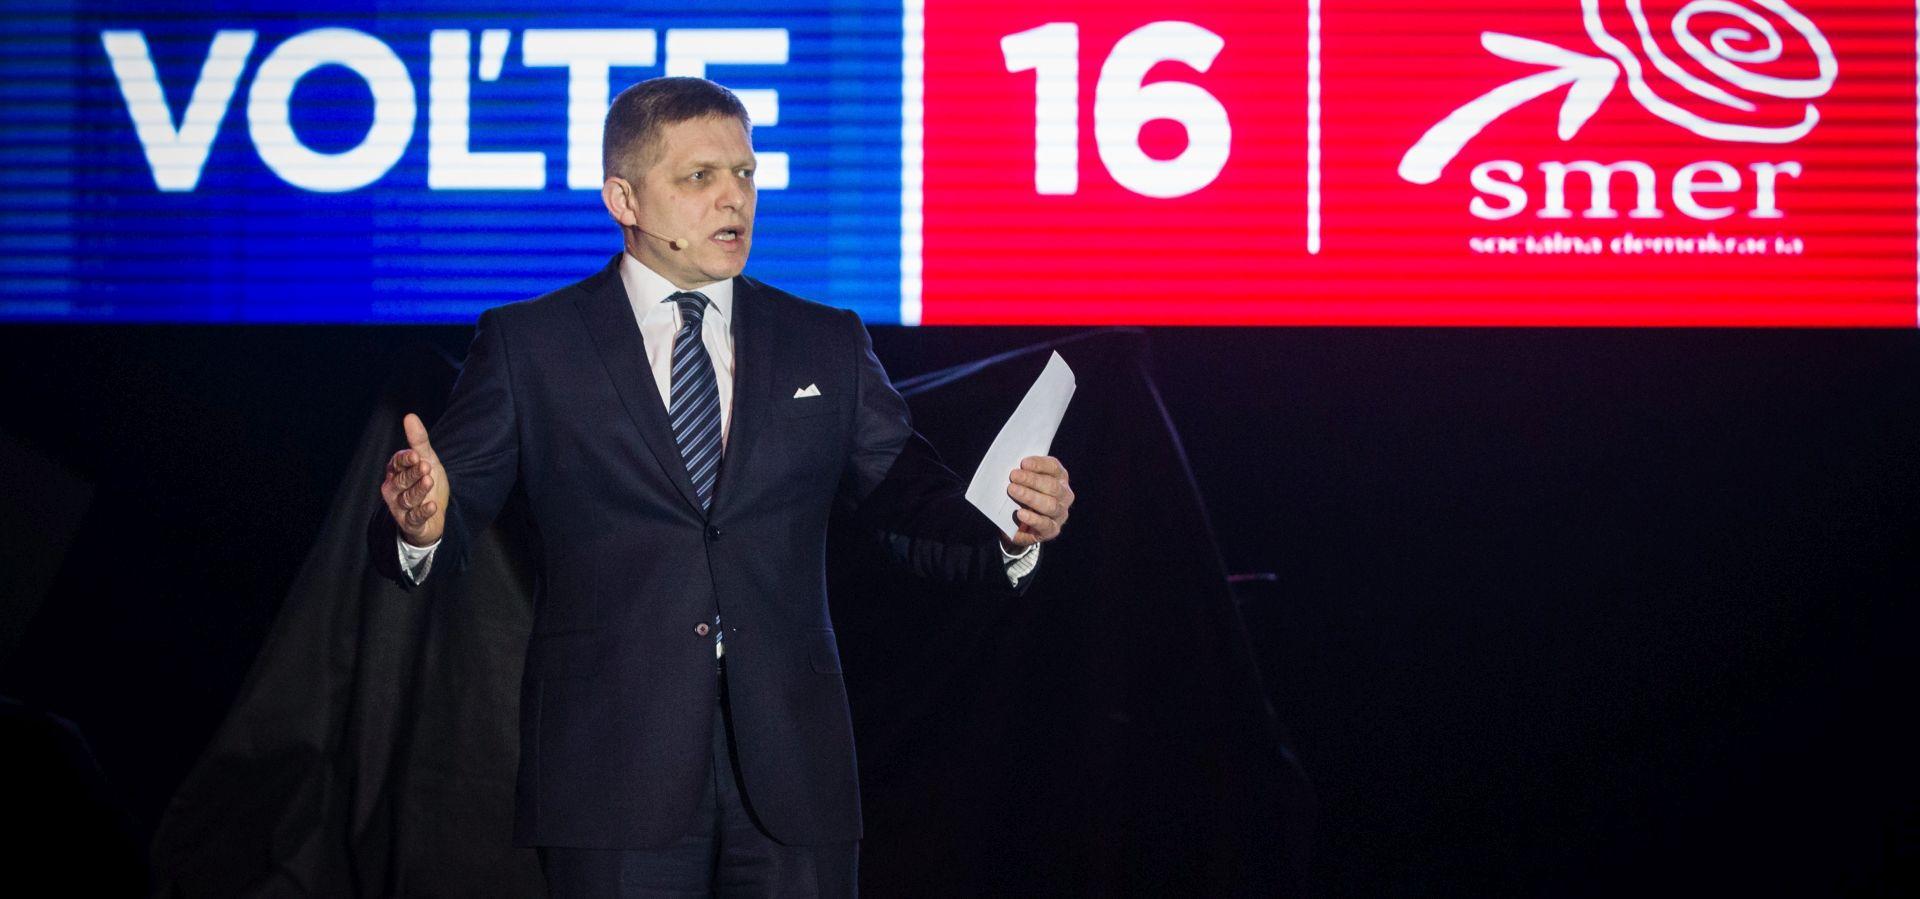 SLOVAČKA UOČI IZBORA Robert Fico na putu prema trećem mandatu